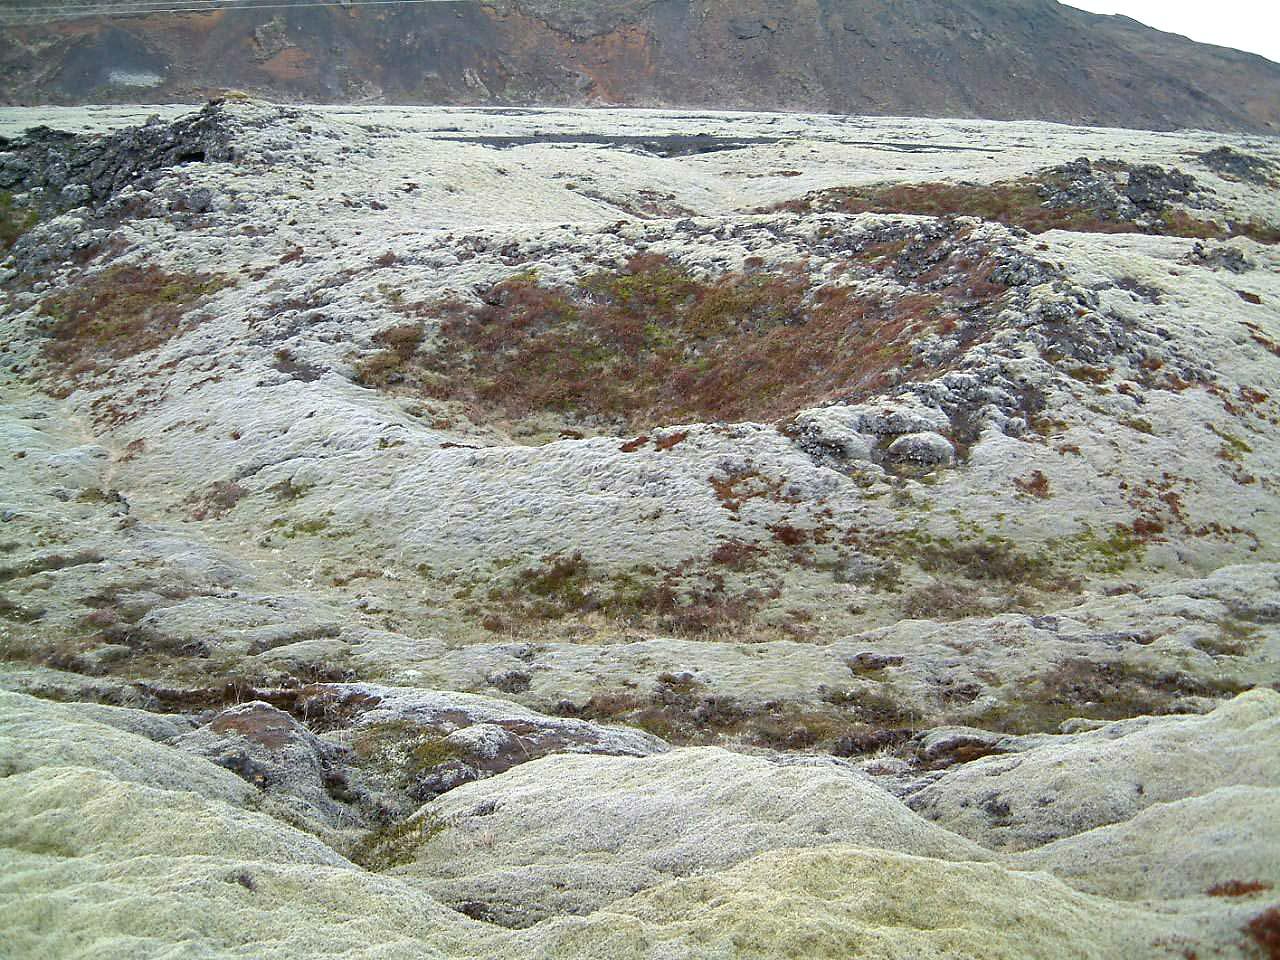 Gervigígur við Litluborgir